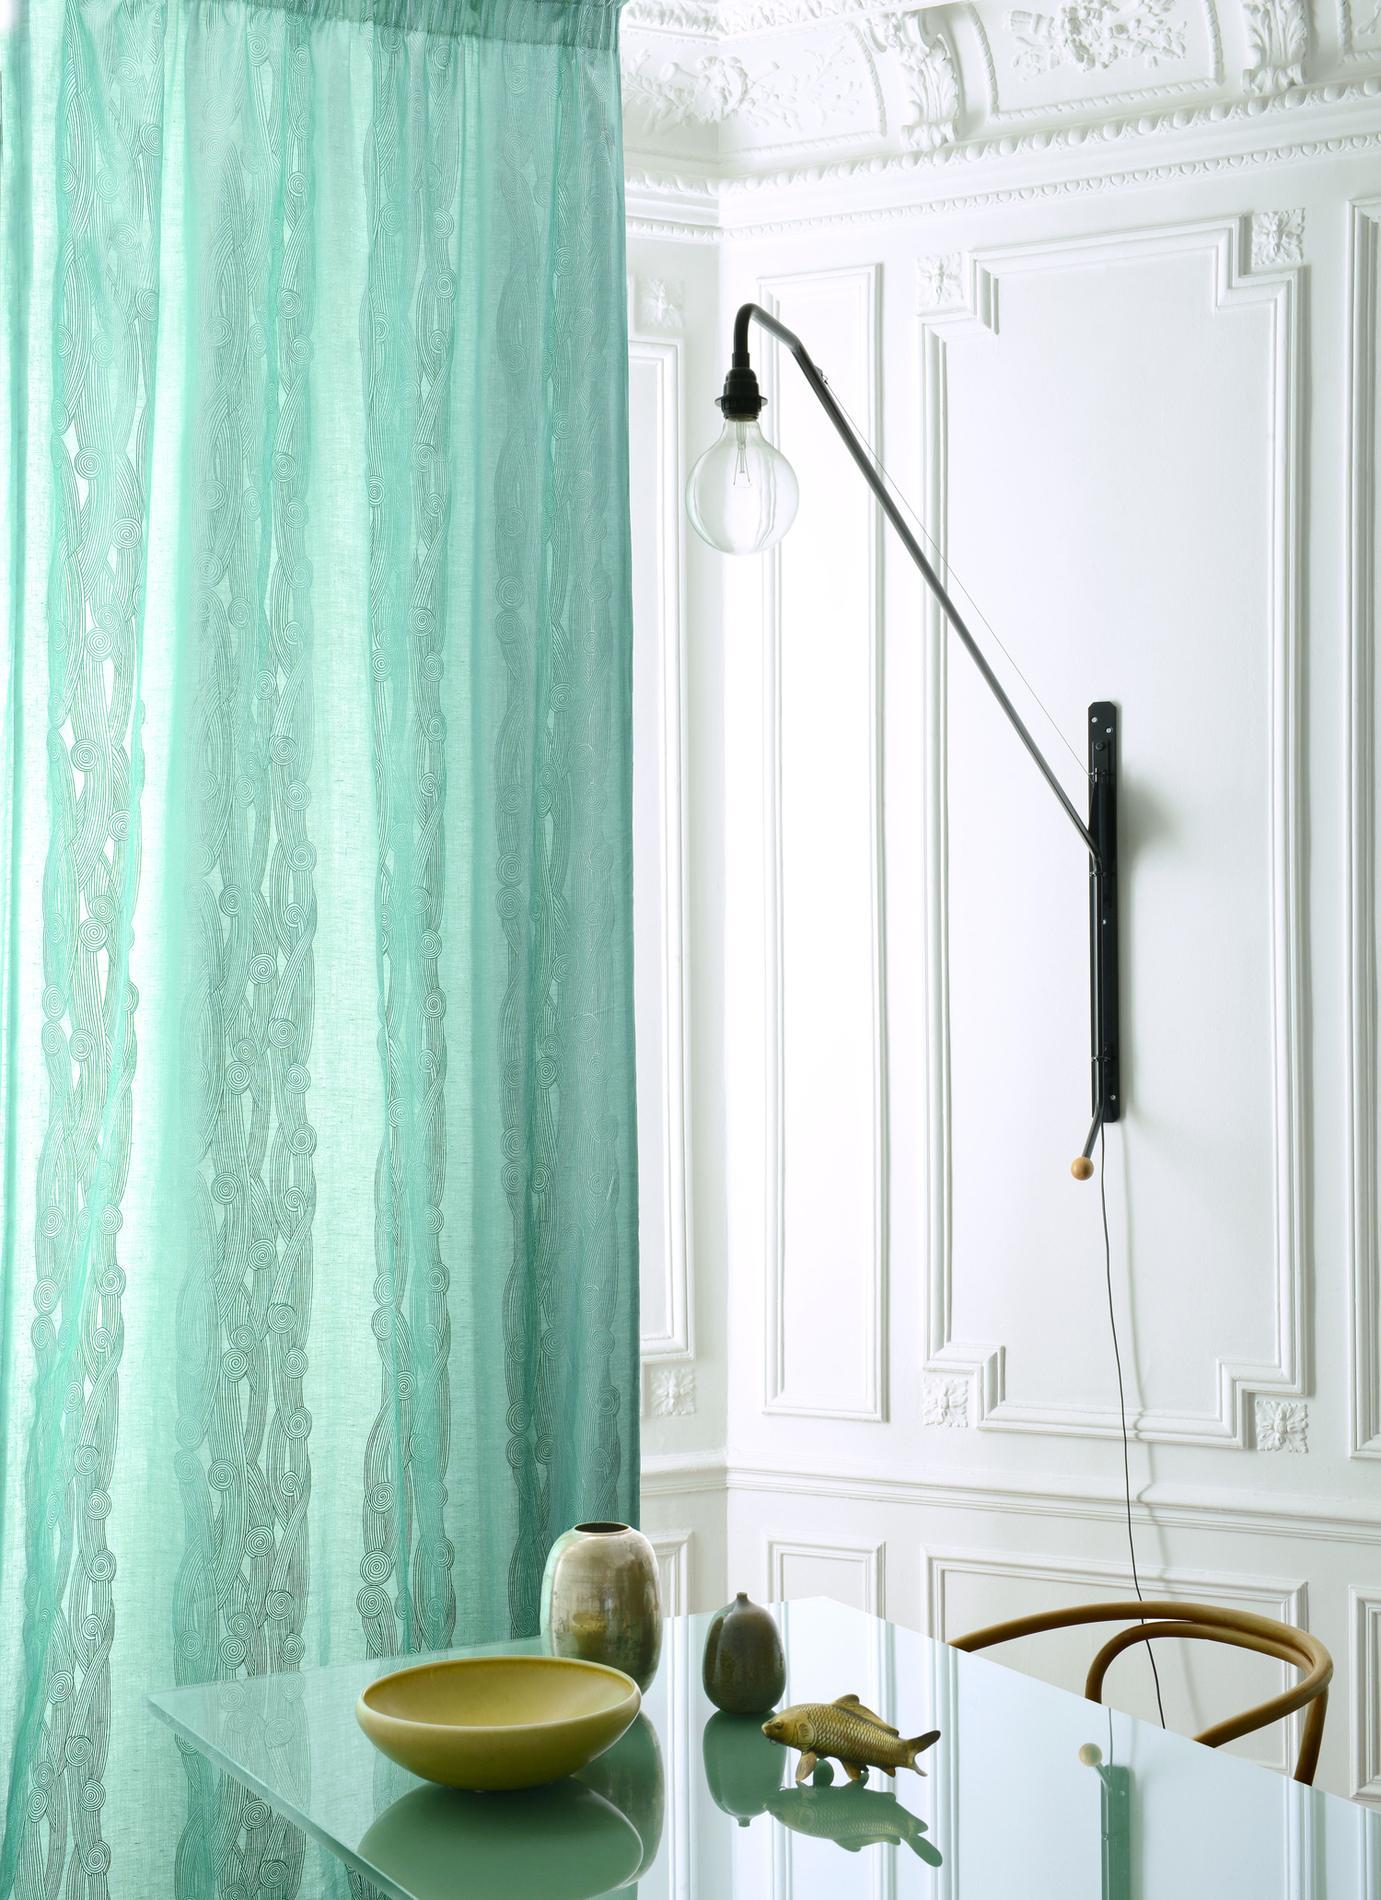 Rideaux 20 nouveaut s pour habiller ses fen tres avec l gance le figaro - Ou acheter ses rideaux ...